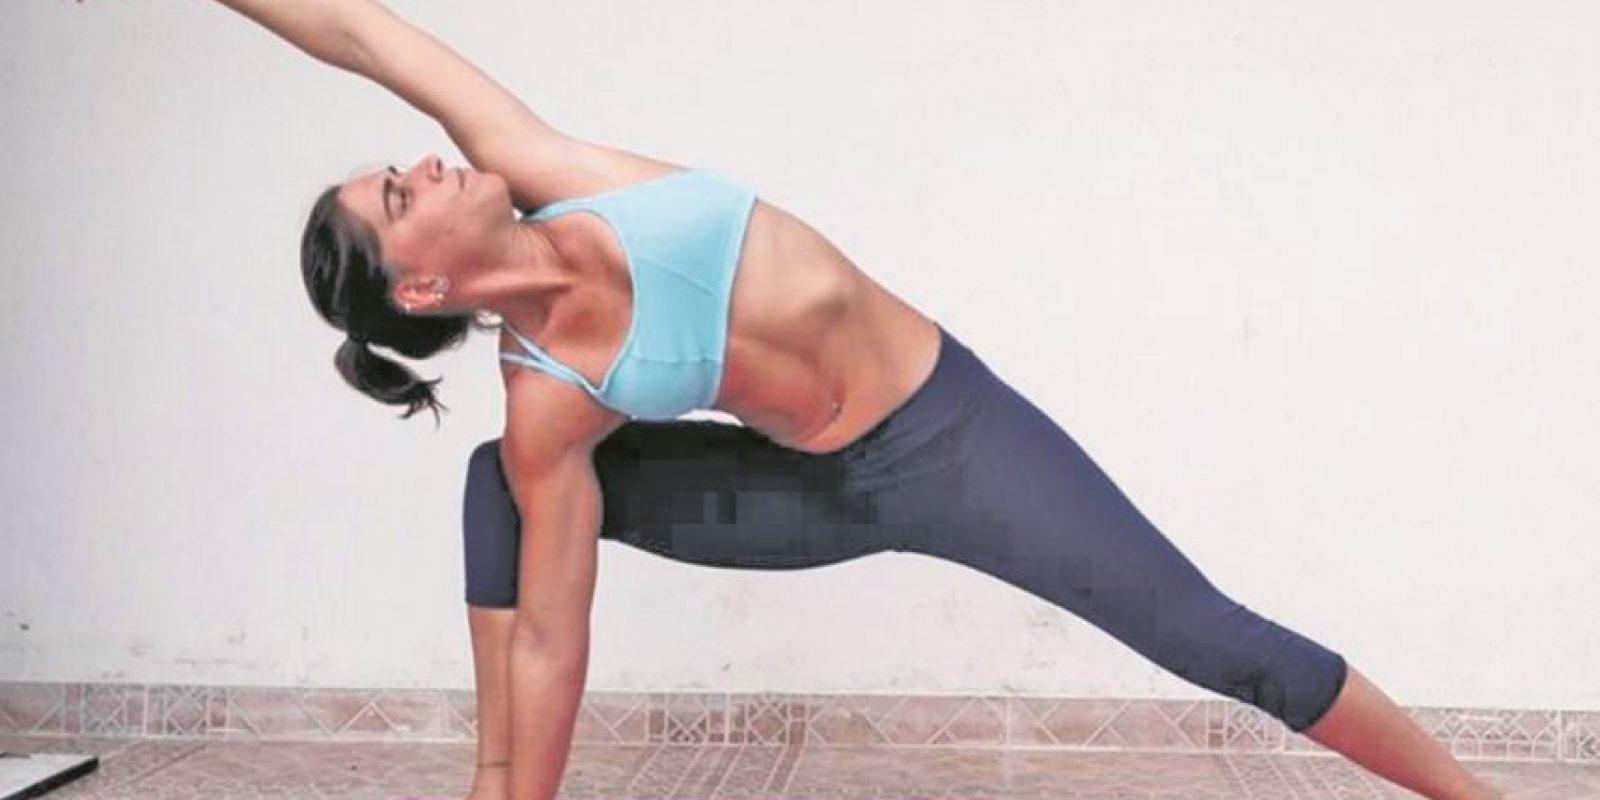 Extended Side Angle Pose : Preparación: Nos paramos con los dos pies juntos. Al exhalar hacemos un pequeño salto con uno de los pies, alejándolo del otro y manteniéndolos por fuera de los hombros. Alineamos los talones y levantamos los brazos al nivel de los hombros. Doblamos el pie derecho para afuera y el pie izquierdo para adentro. Doblamos la pierna derecha y llevamos la mano derecha junto al pie derecho. Elevamos el brazo izquierdo hasta colocarlo al lado de la oreja. Aguantamos la posición por unos 30 segundos y cambiamos de lado. Beneficios: Fortalece y estira las piernas, las rodillas y los tobillos.Estira la ingle, la columna vertebral, la cadera, el pecho, los pulmones y los hombros.Estimula los órganos abdominales Foto:Fuente Externa